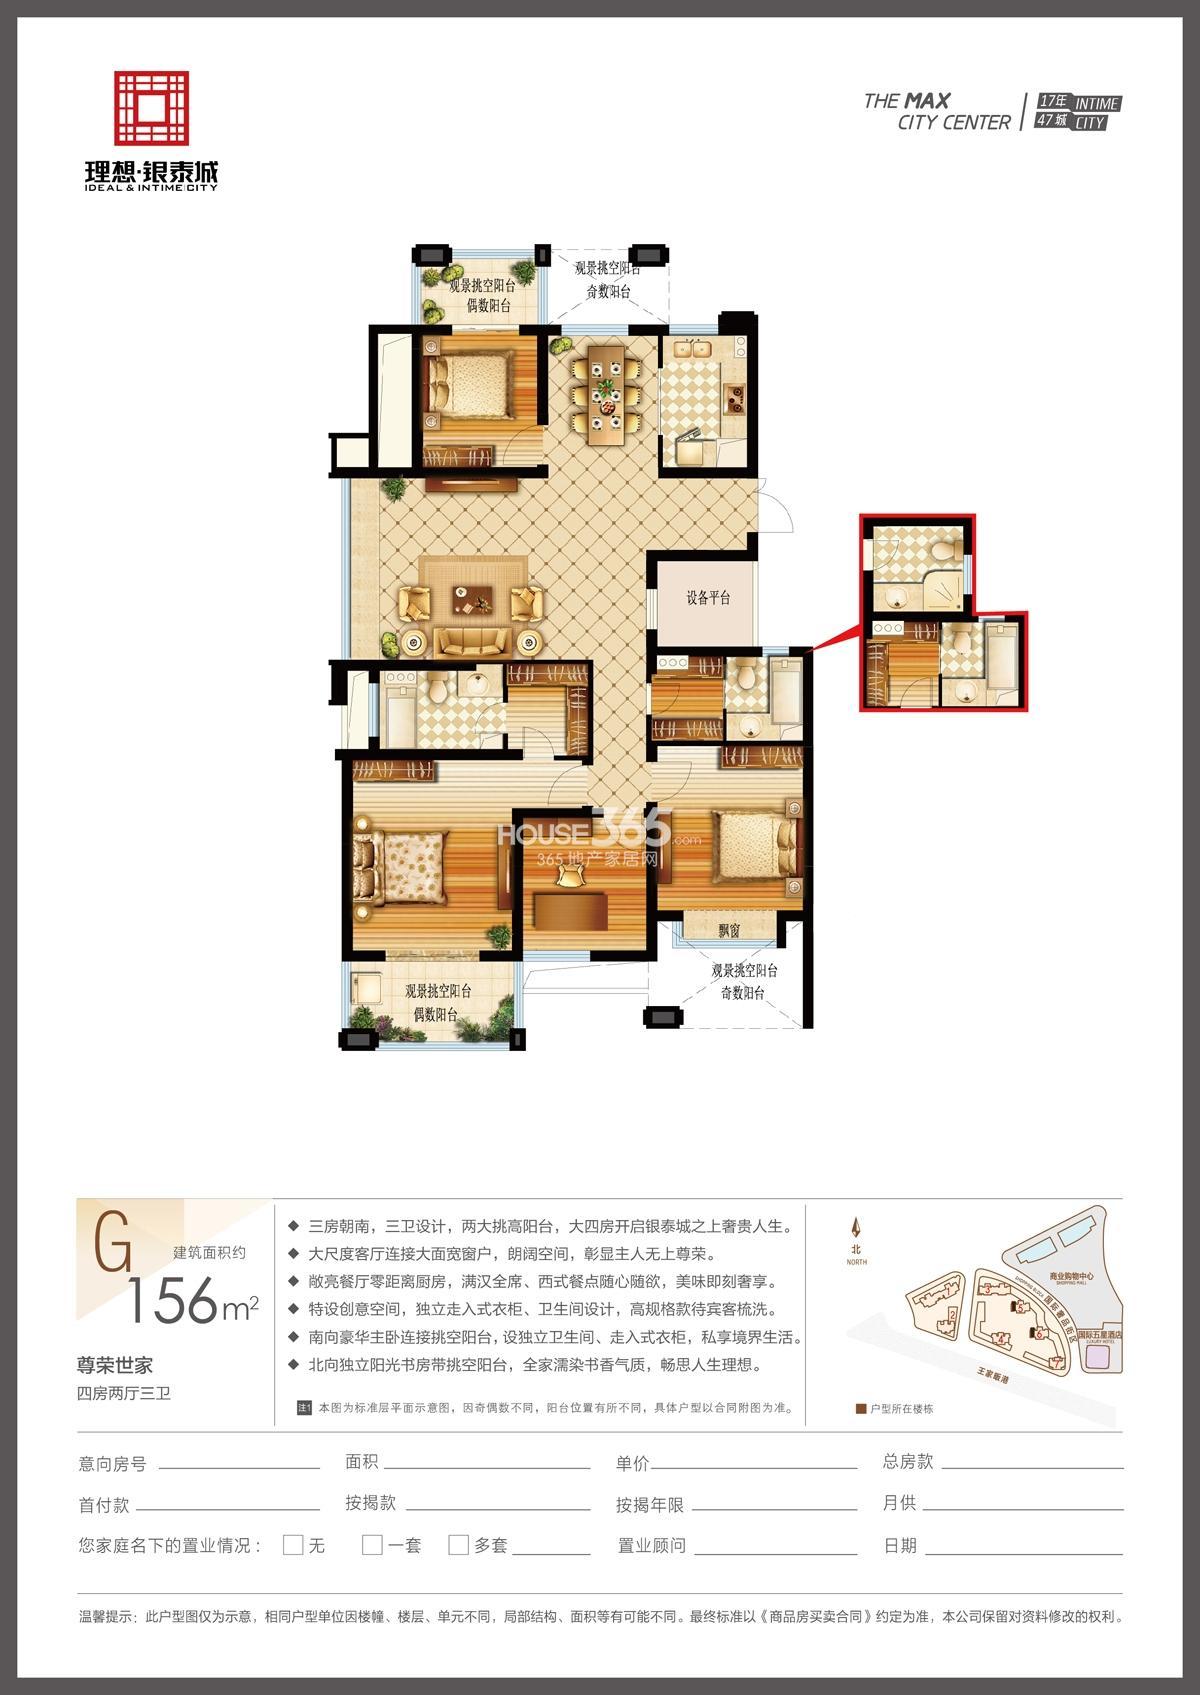 理想银泰城5、6号楼G户型156方四房两厅三卫户型图